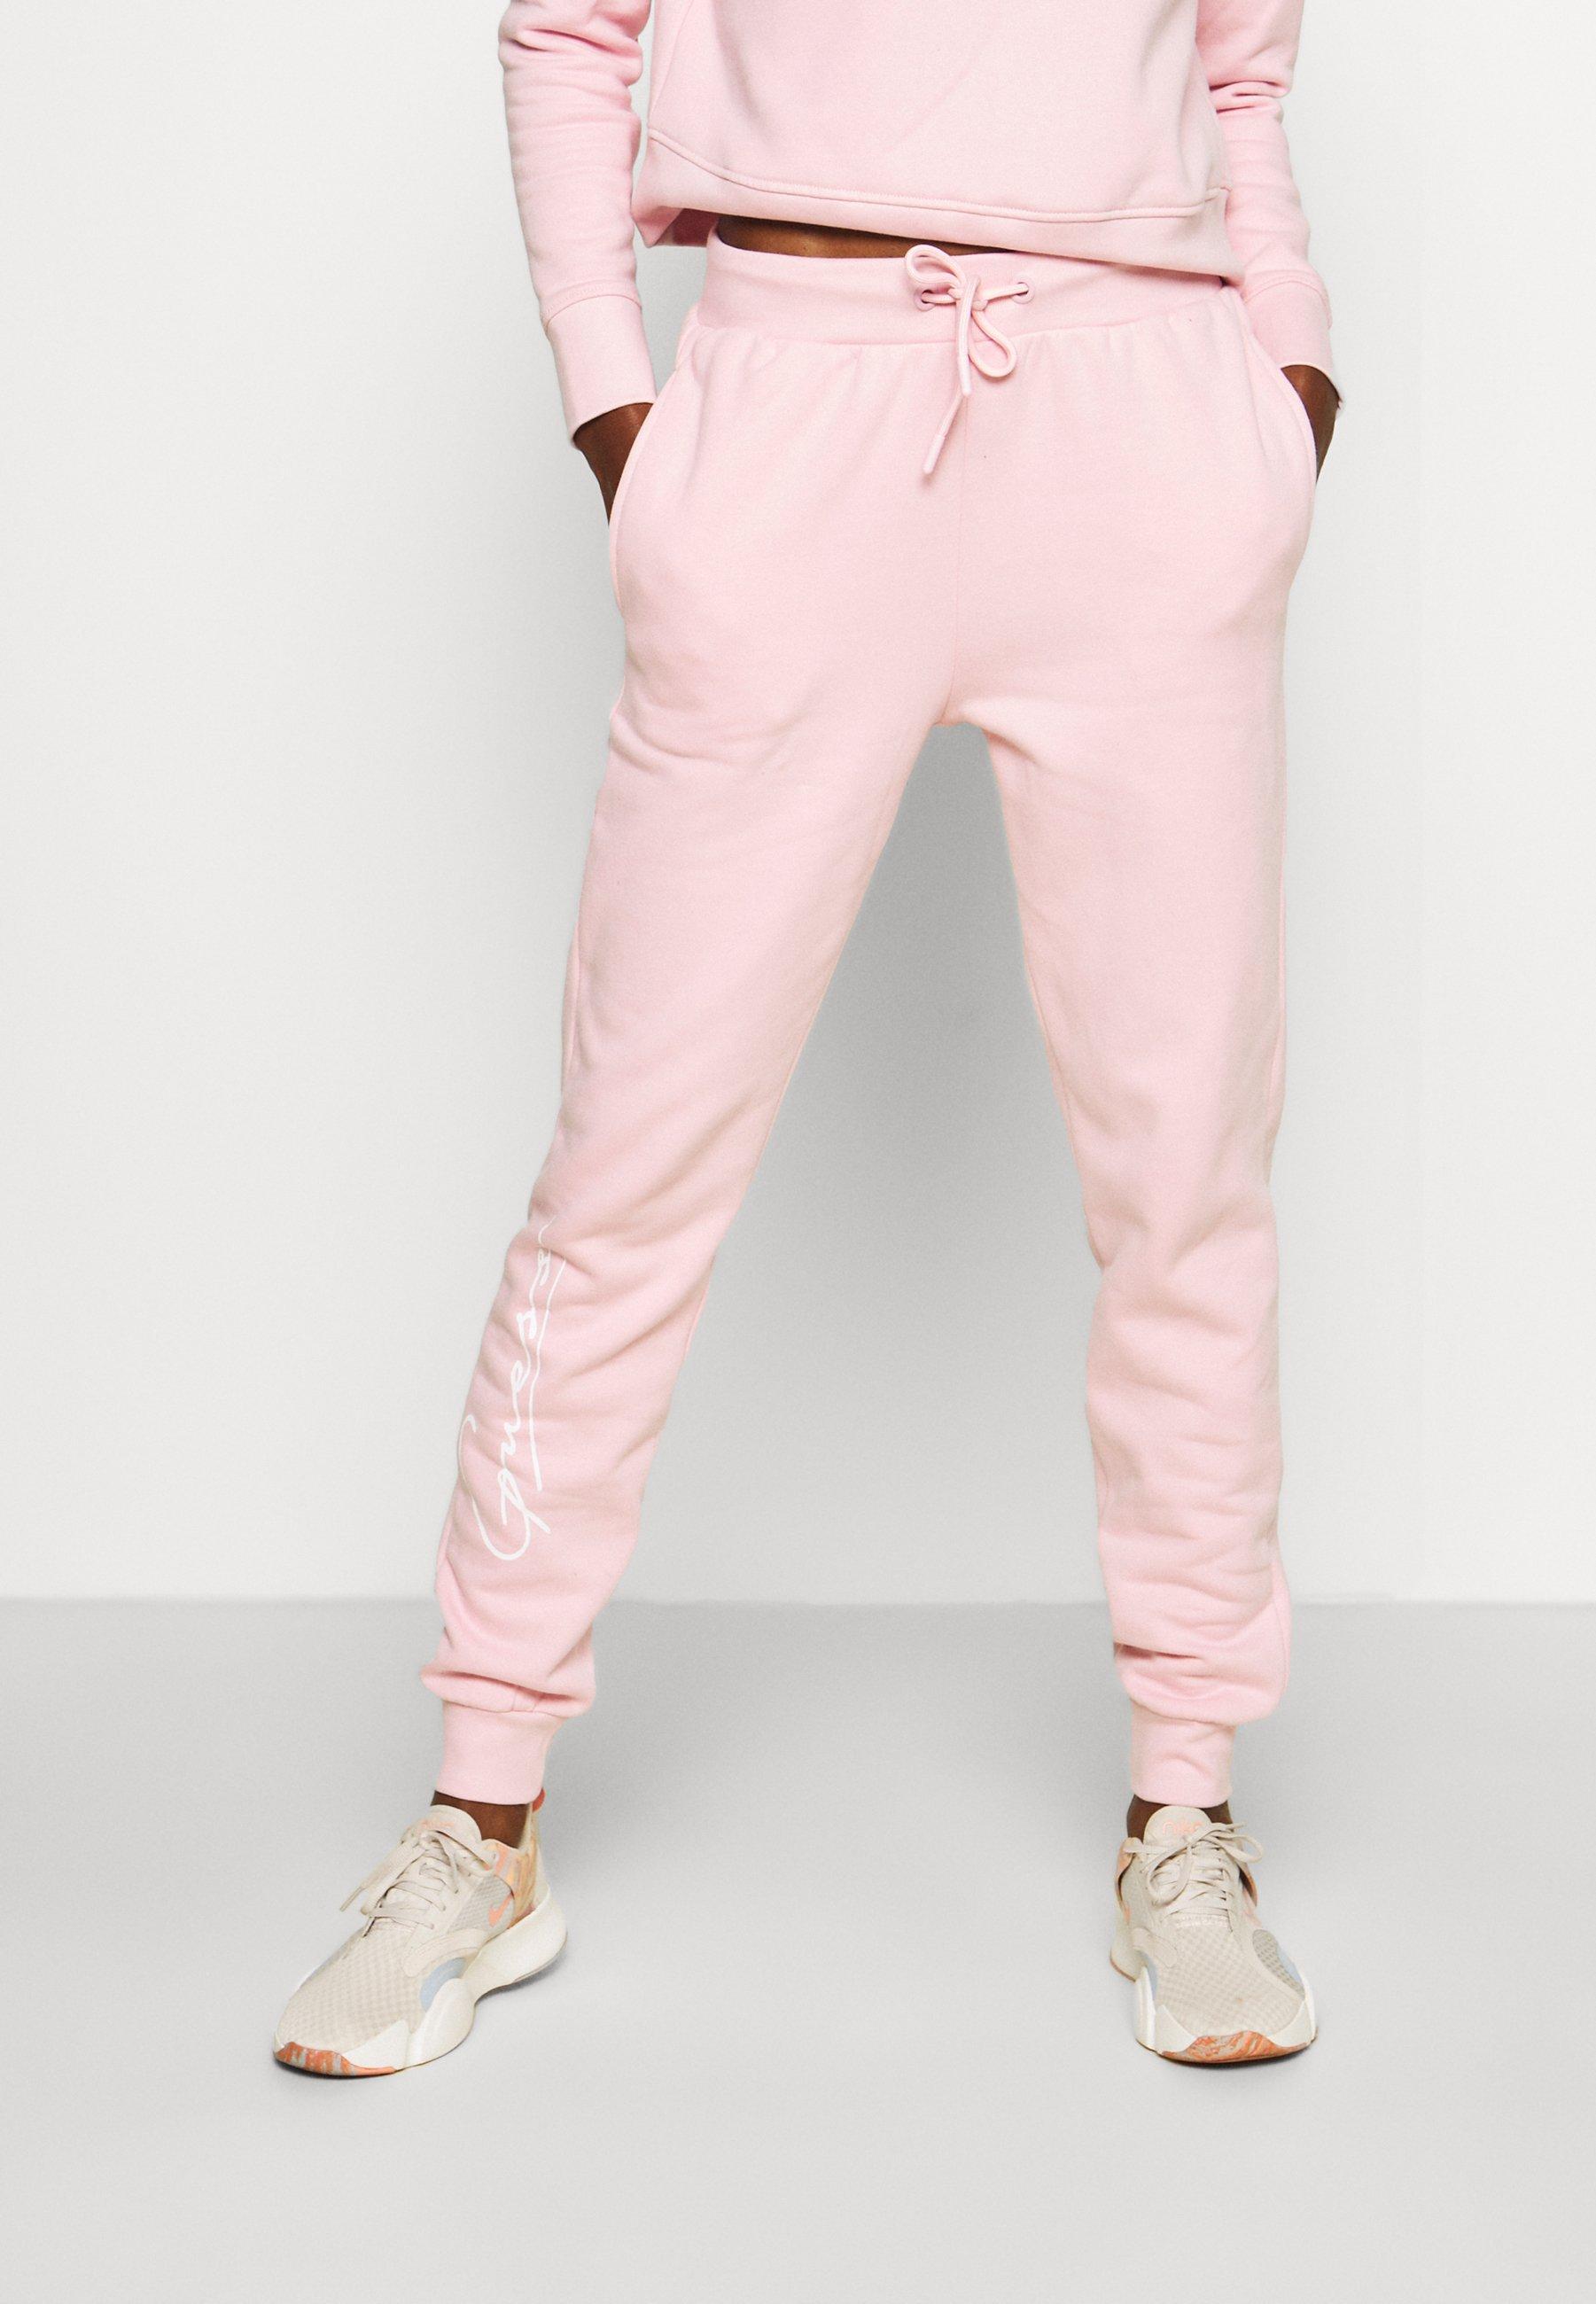 Femme ALEXANDRA LONG PANT - Pantalon de survêtement